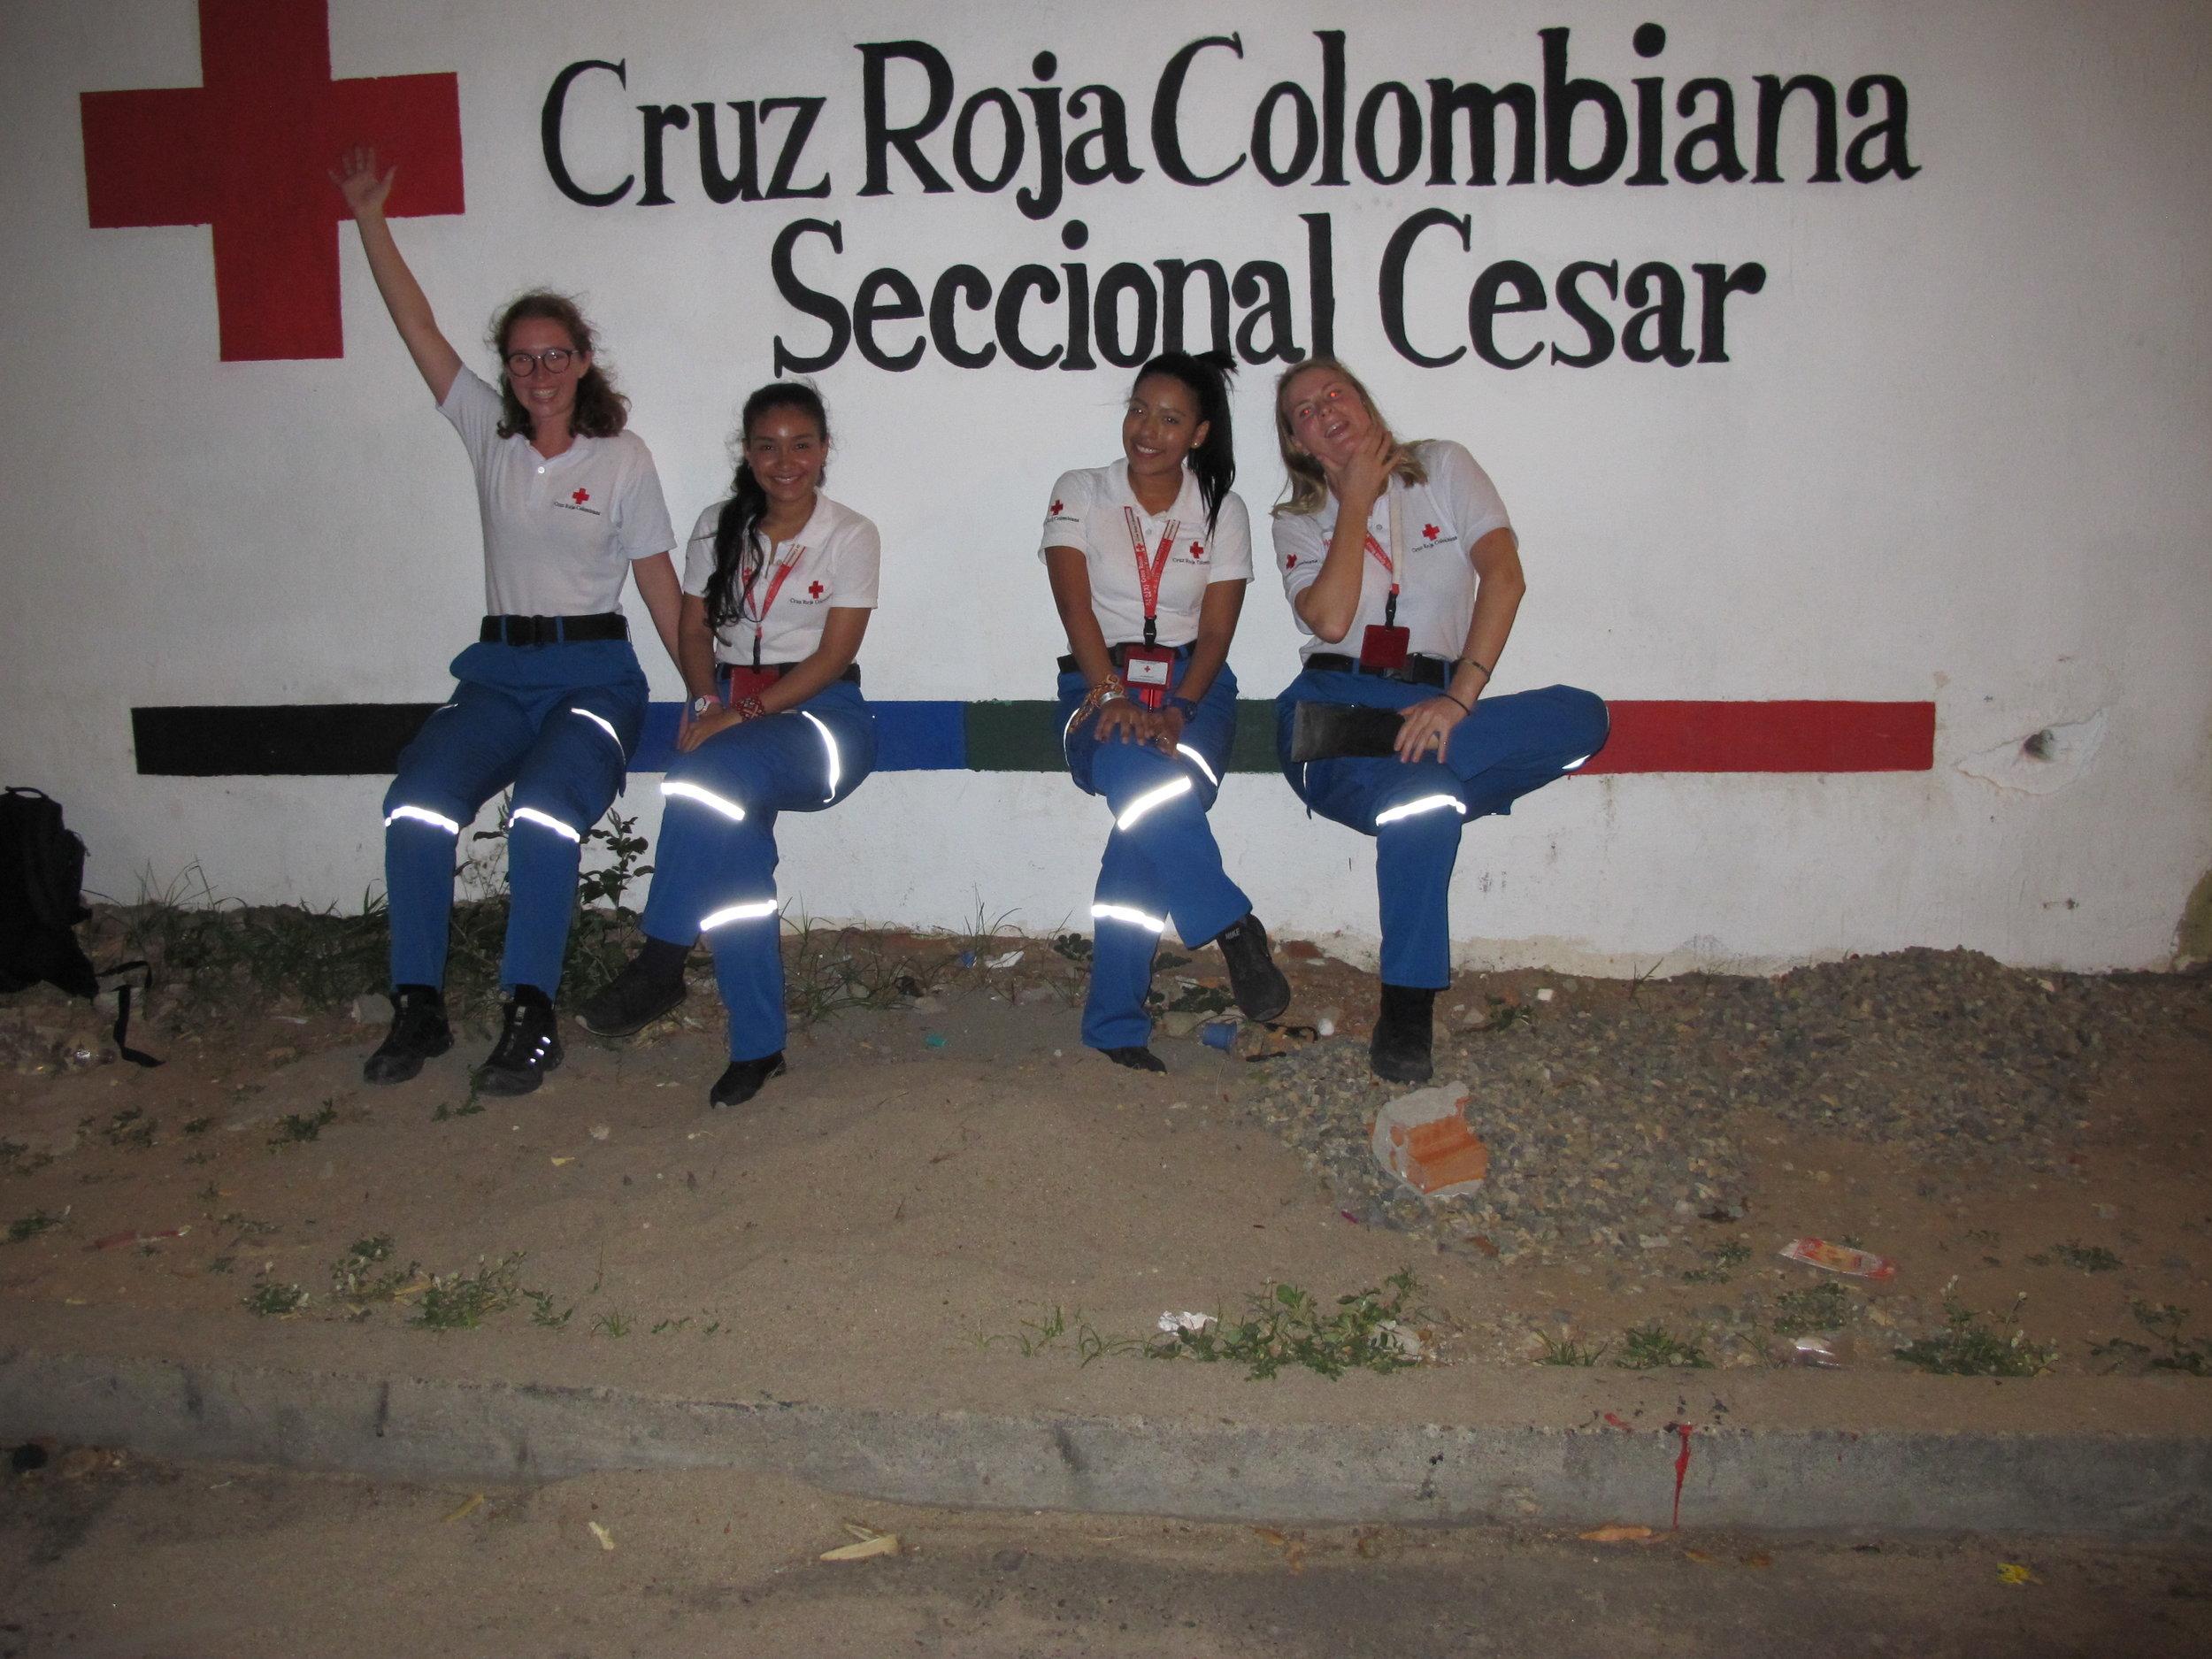 Las facilitadoras despues el taller en Valledupar: Kaia, Lynda, Maria Jose y Malene.